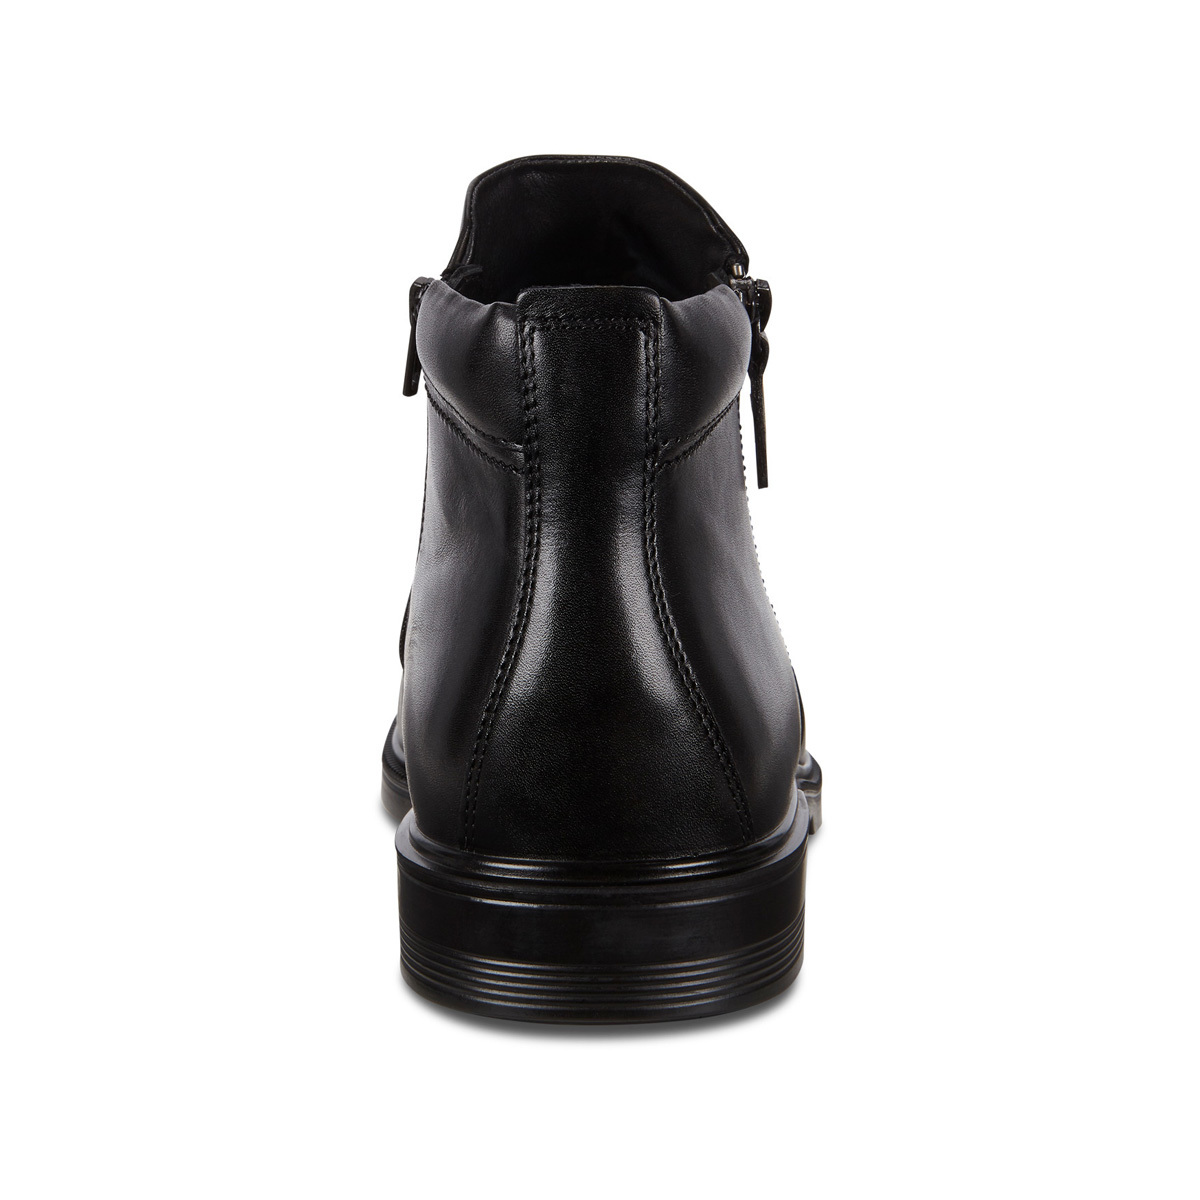 Зимние ботинки Ecco утеплённые LISBON_622204_01001